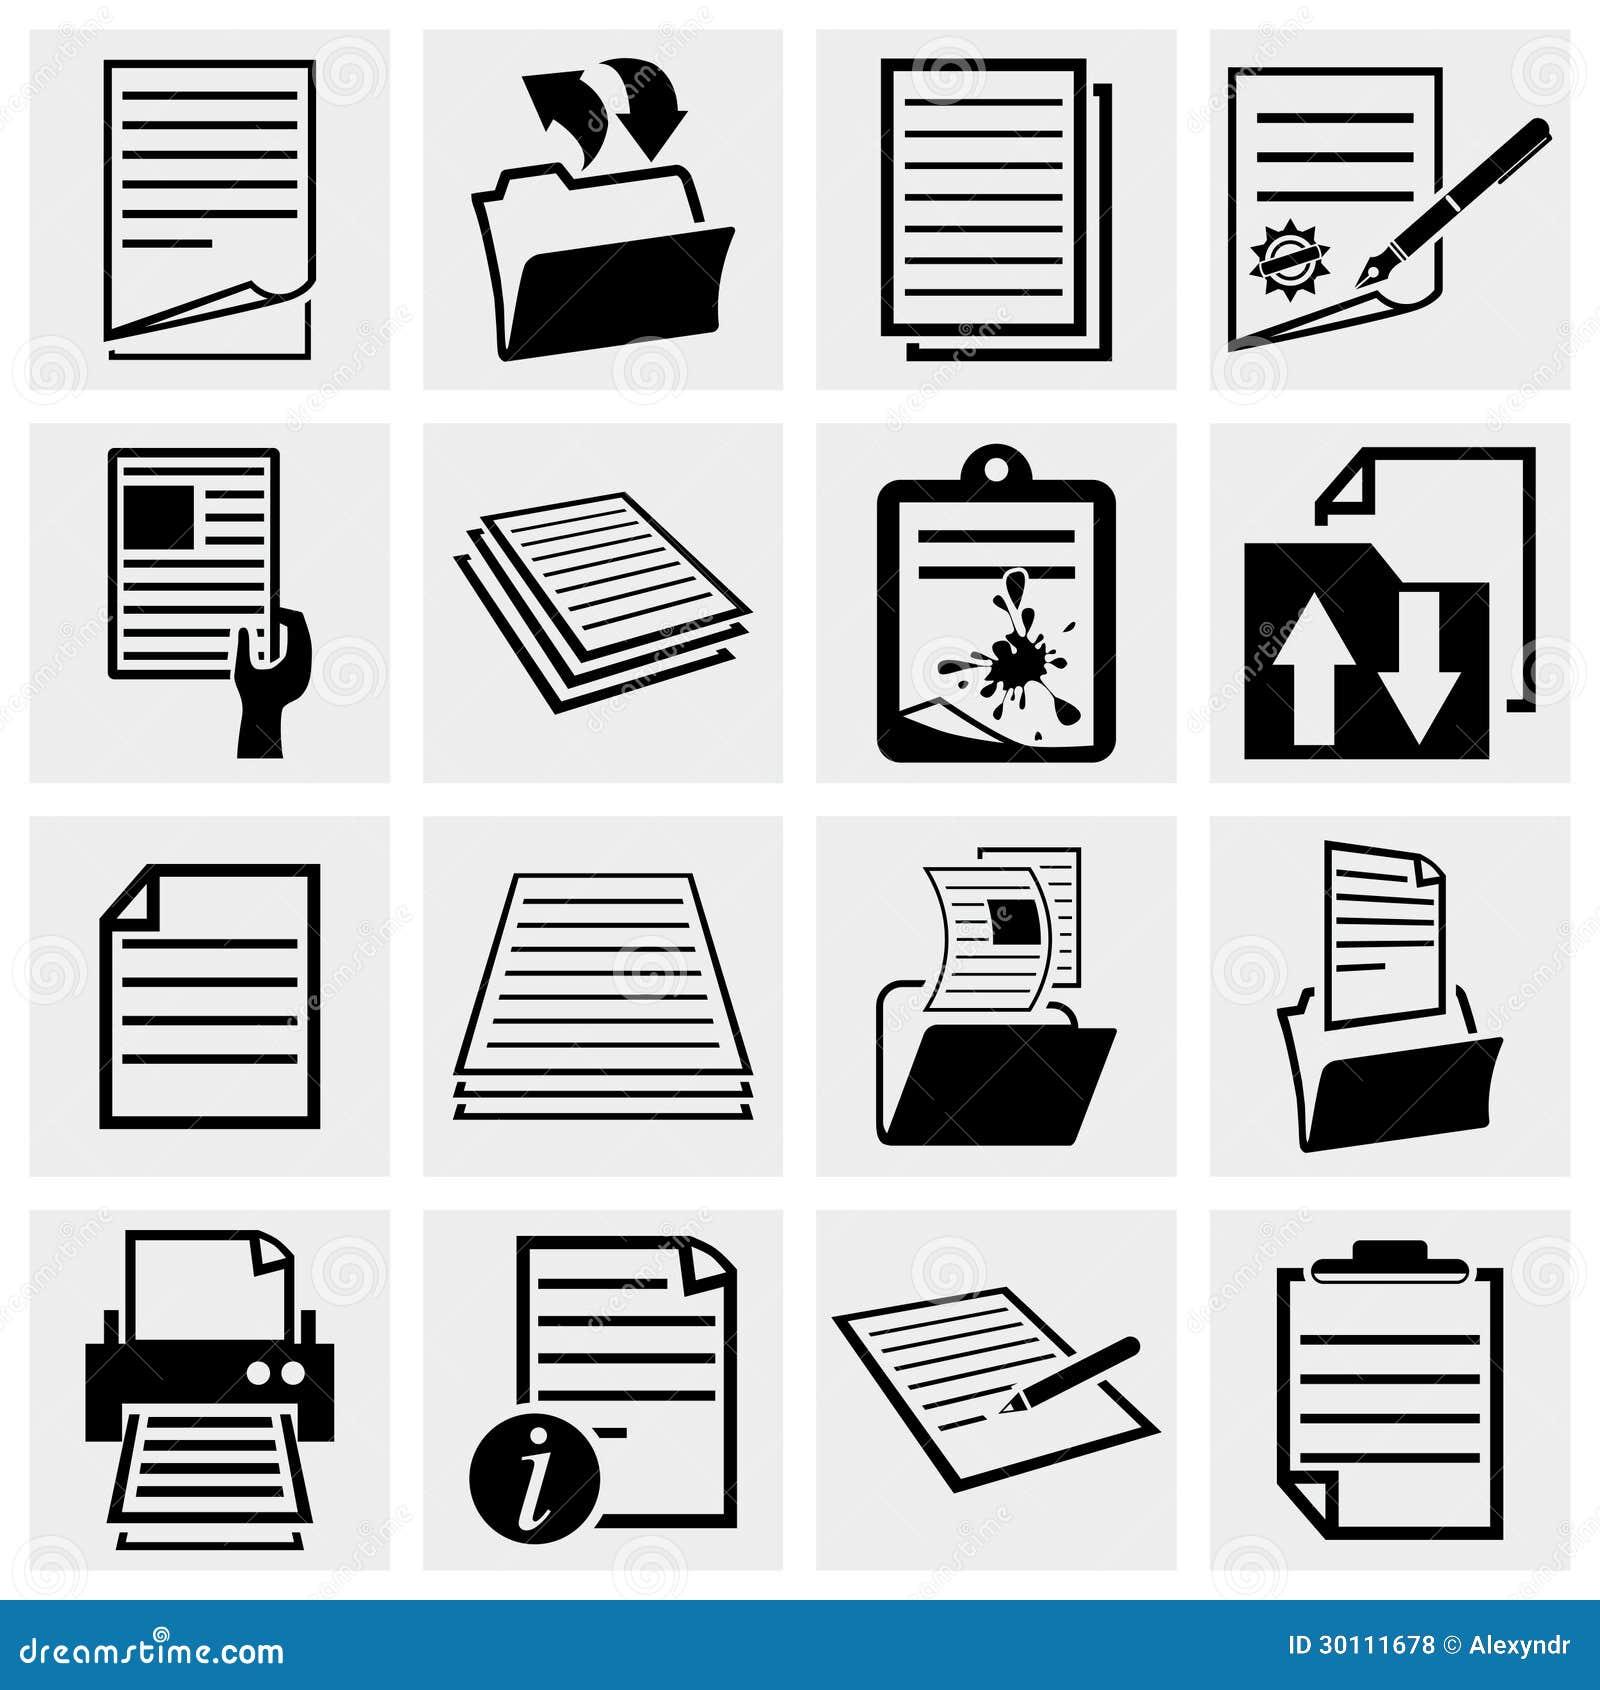 Dokumentera symboler, skyla över brister och spara symbolsuppsättningen